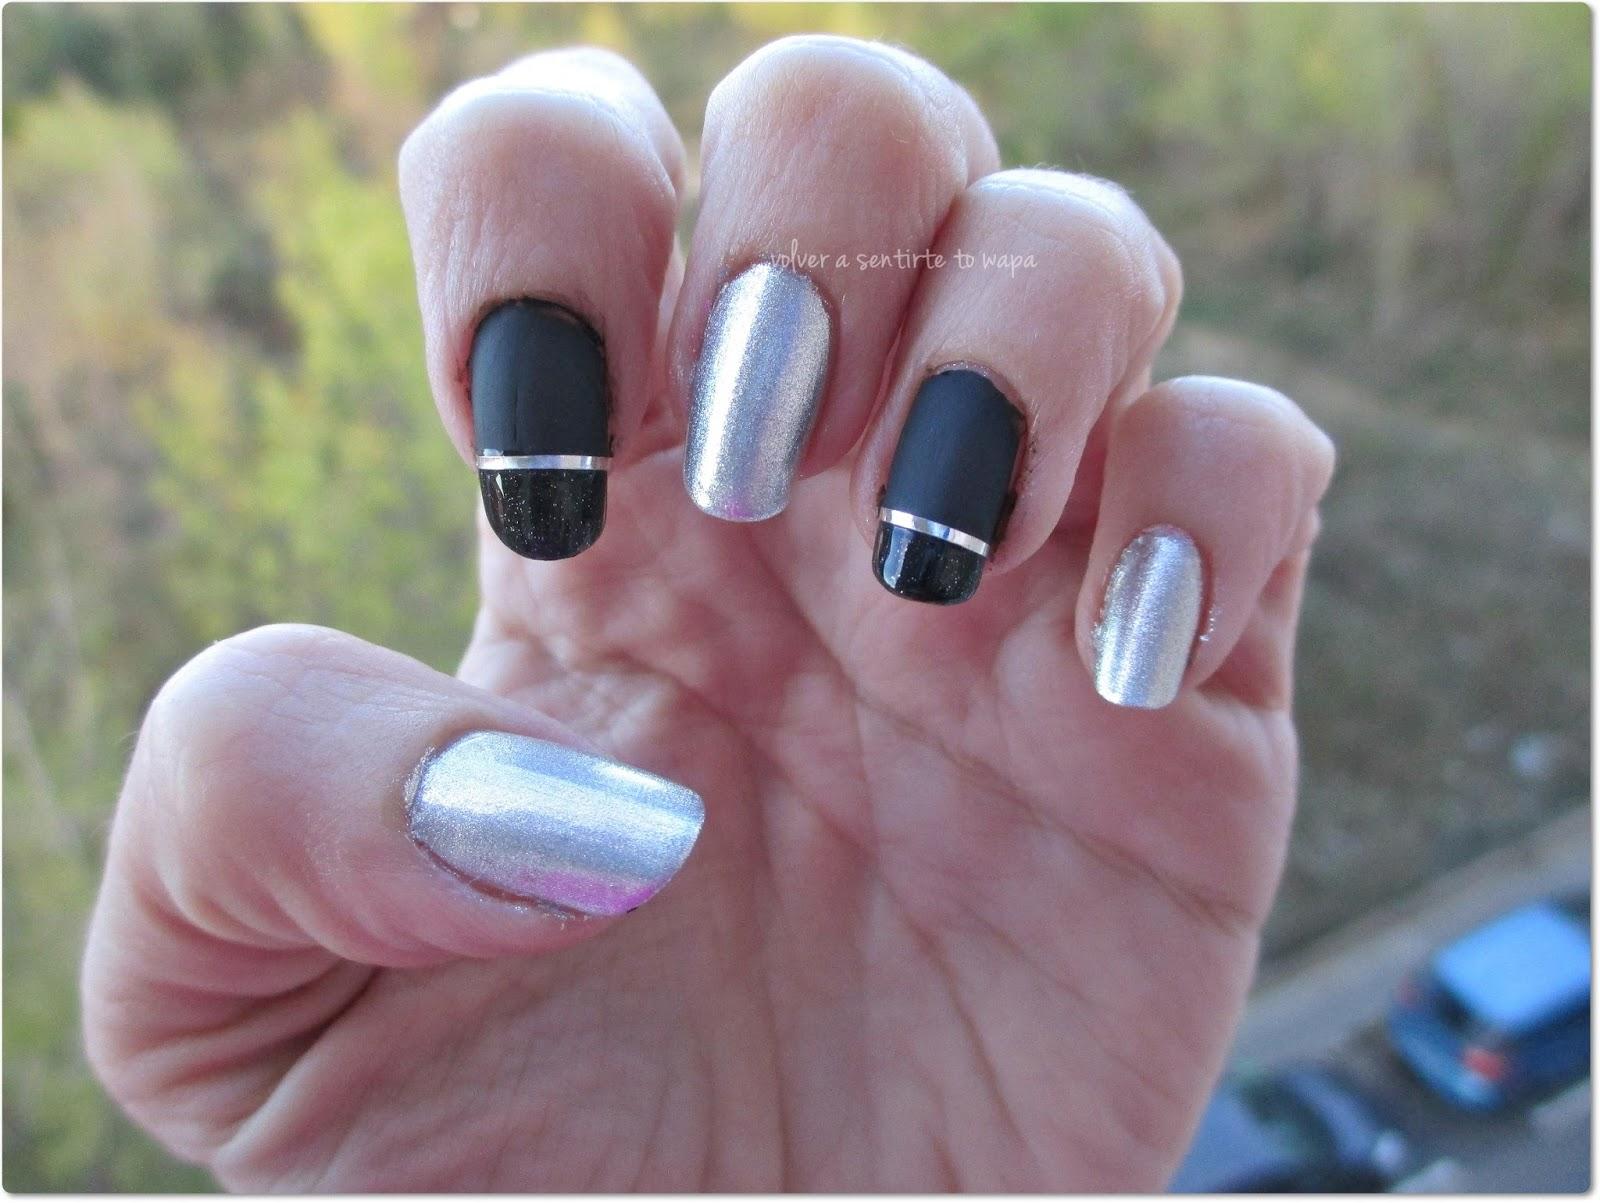 Volver a Sentirte to Wapa - Blog de belleza: Manicura elegante en ...